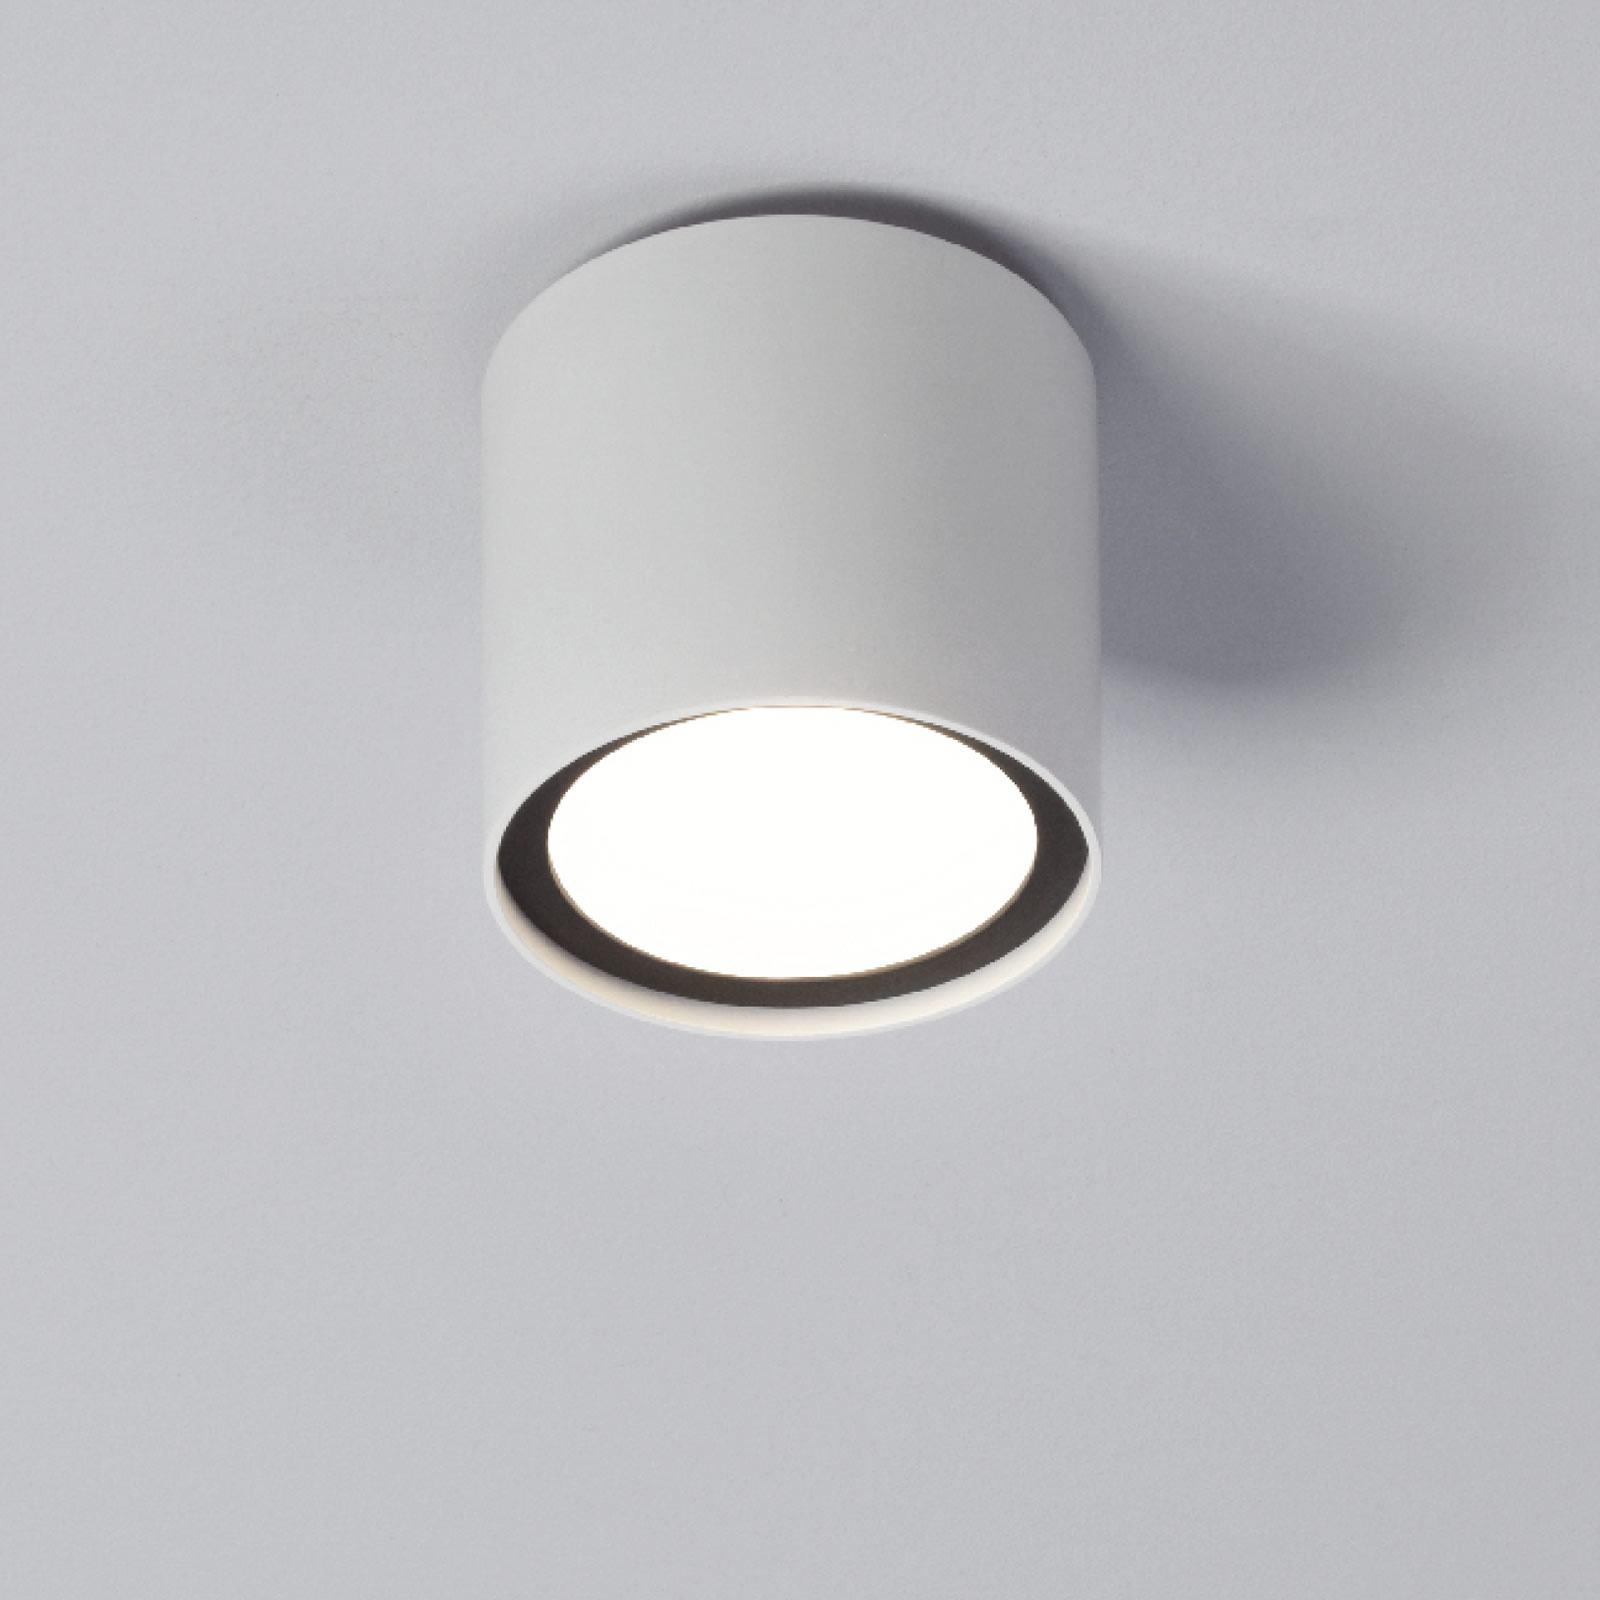 Ek tondo led plafone di aqlus biffi luce ufficio for Lampade a led vendita online